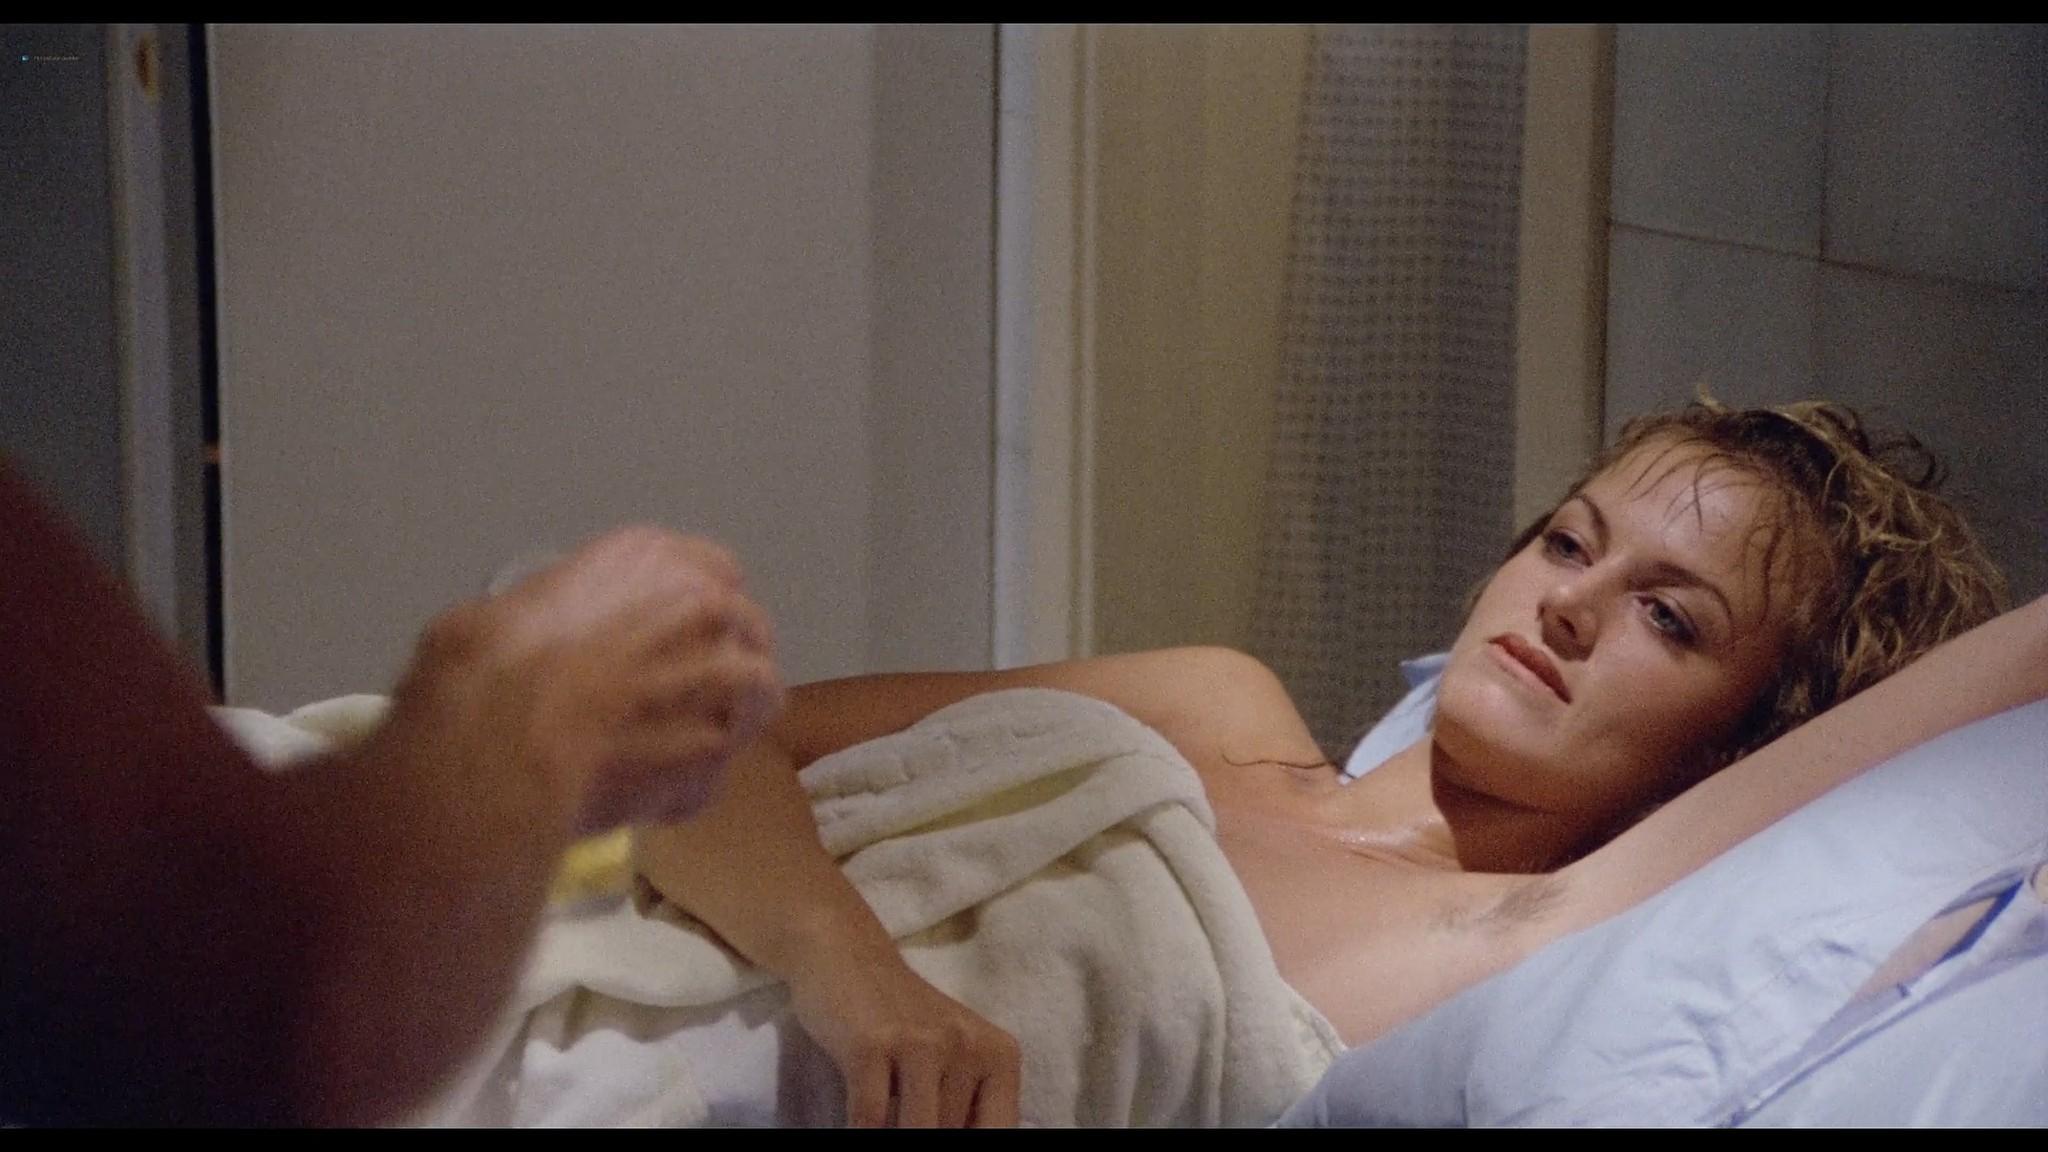 Dalila Di Lazzaro nude full frontal Vanessa Vitale nude – La ragazza dal pigiama giallo IT 1977 1080p BluRay REMUX 12